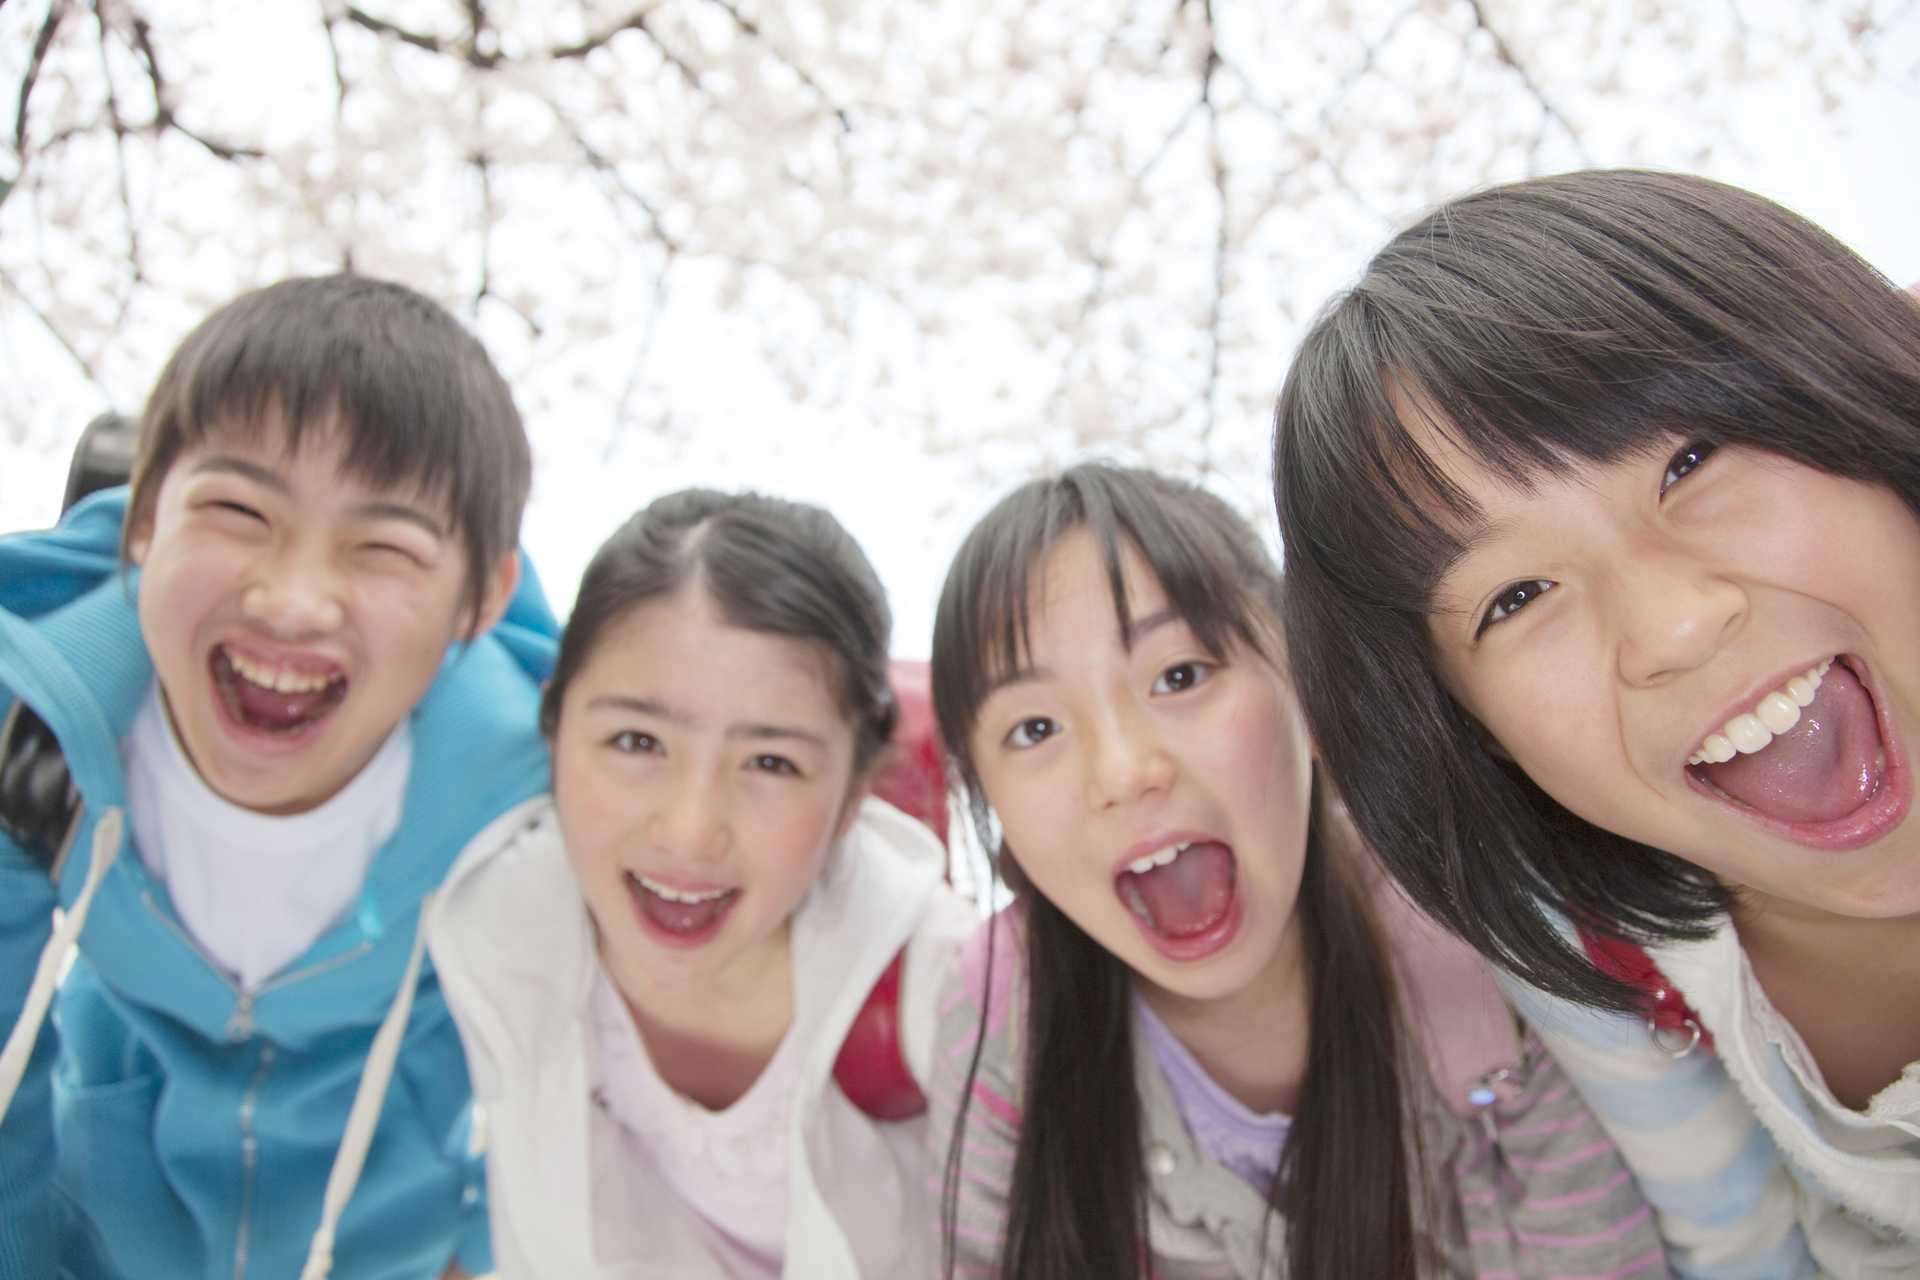 大人より子供のほうが、よく笑っている。「明るい毎日」は、子供のほうが詳しい。 | 毎日を明るく楽しく過ごす30の方法